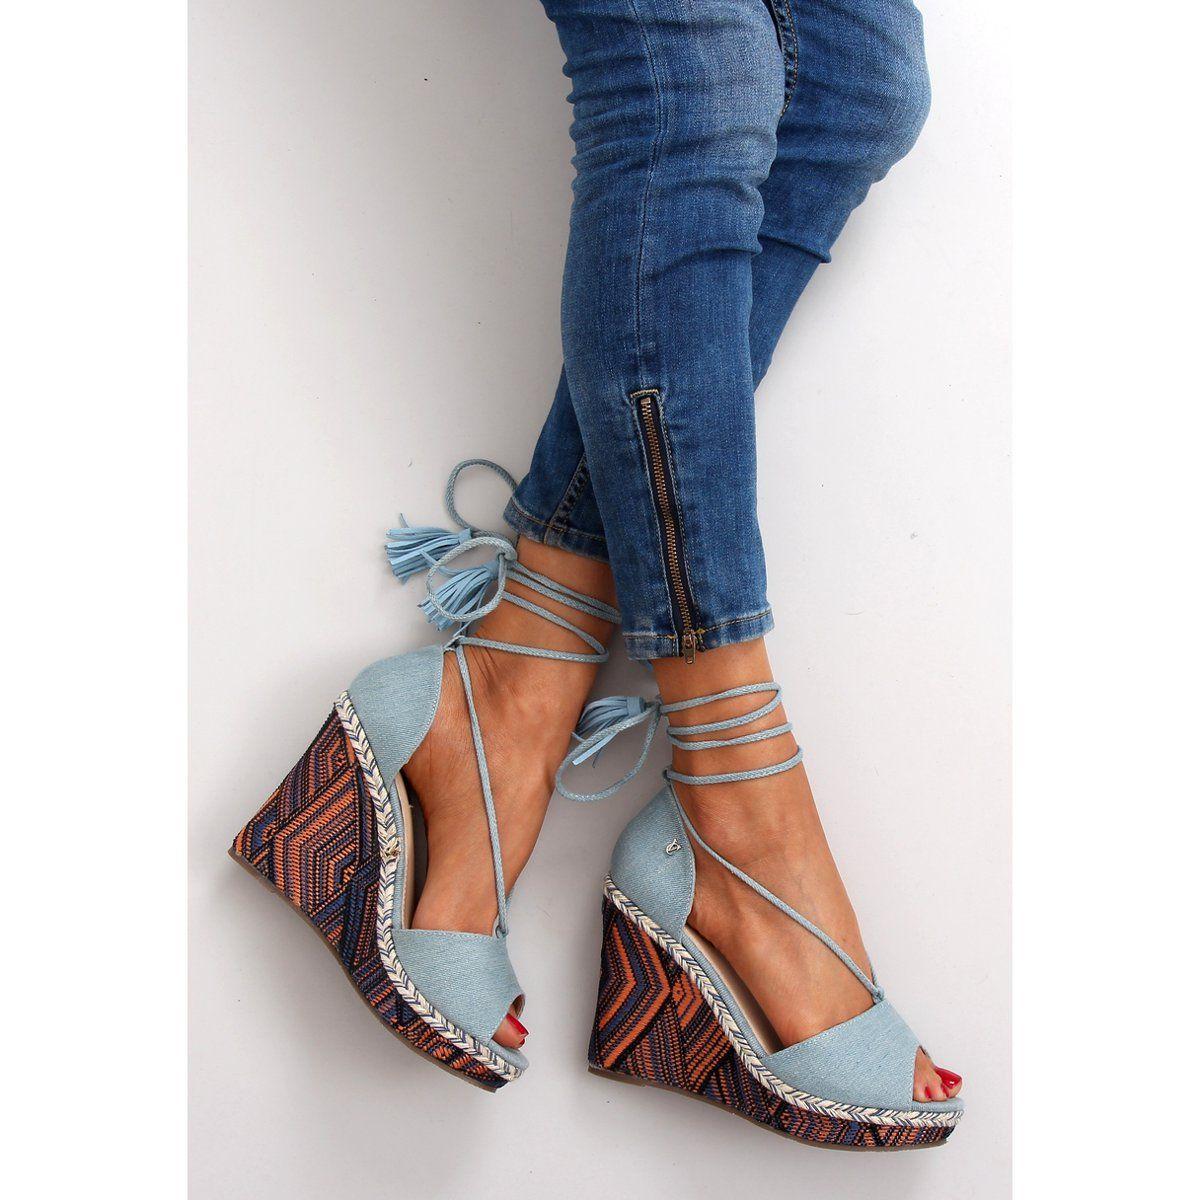 Sandaly Koturny Wiazane Na Kostke 2075 L Niebieskie Lace Up Flat Lace Up Shoes